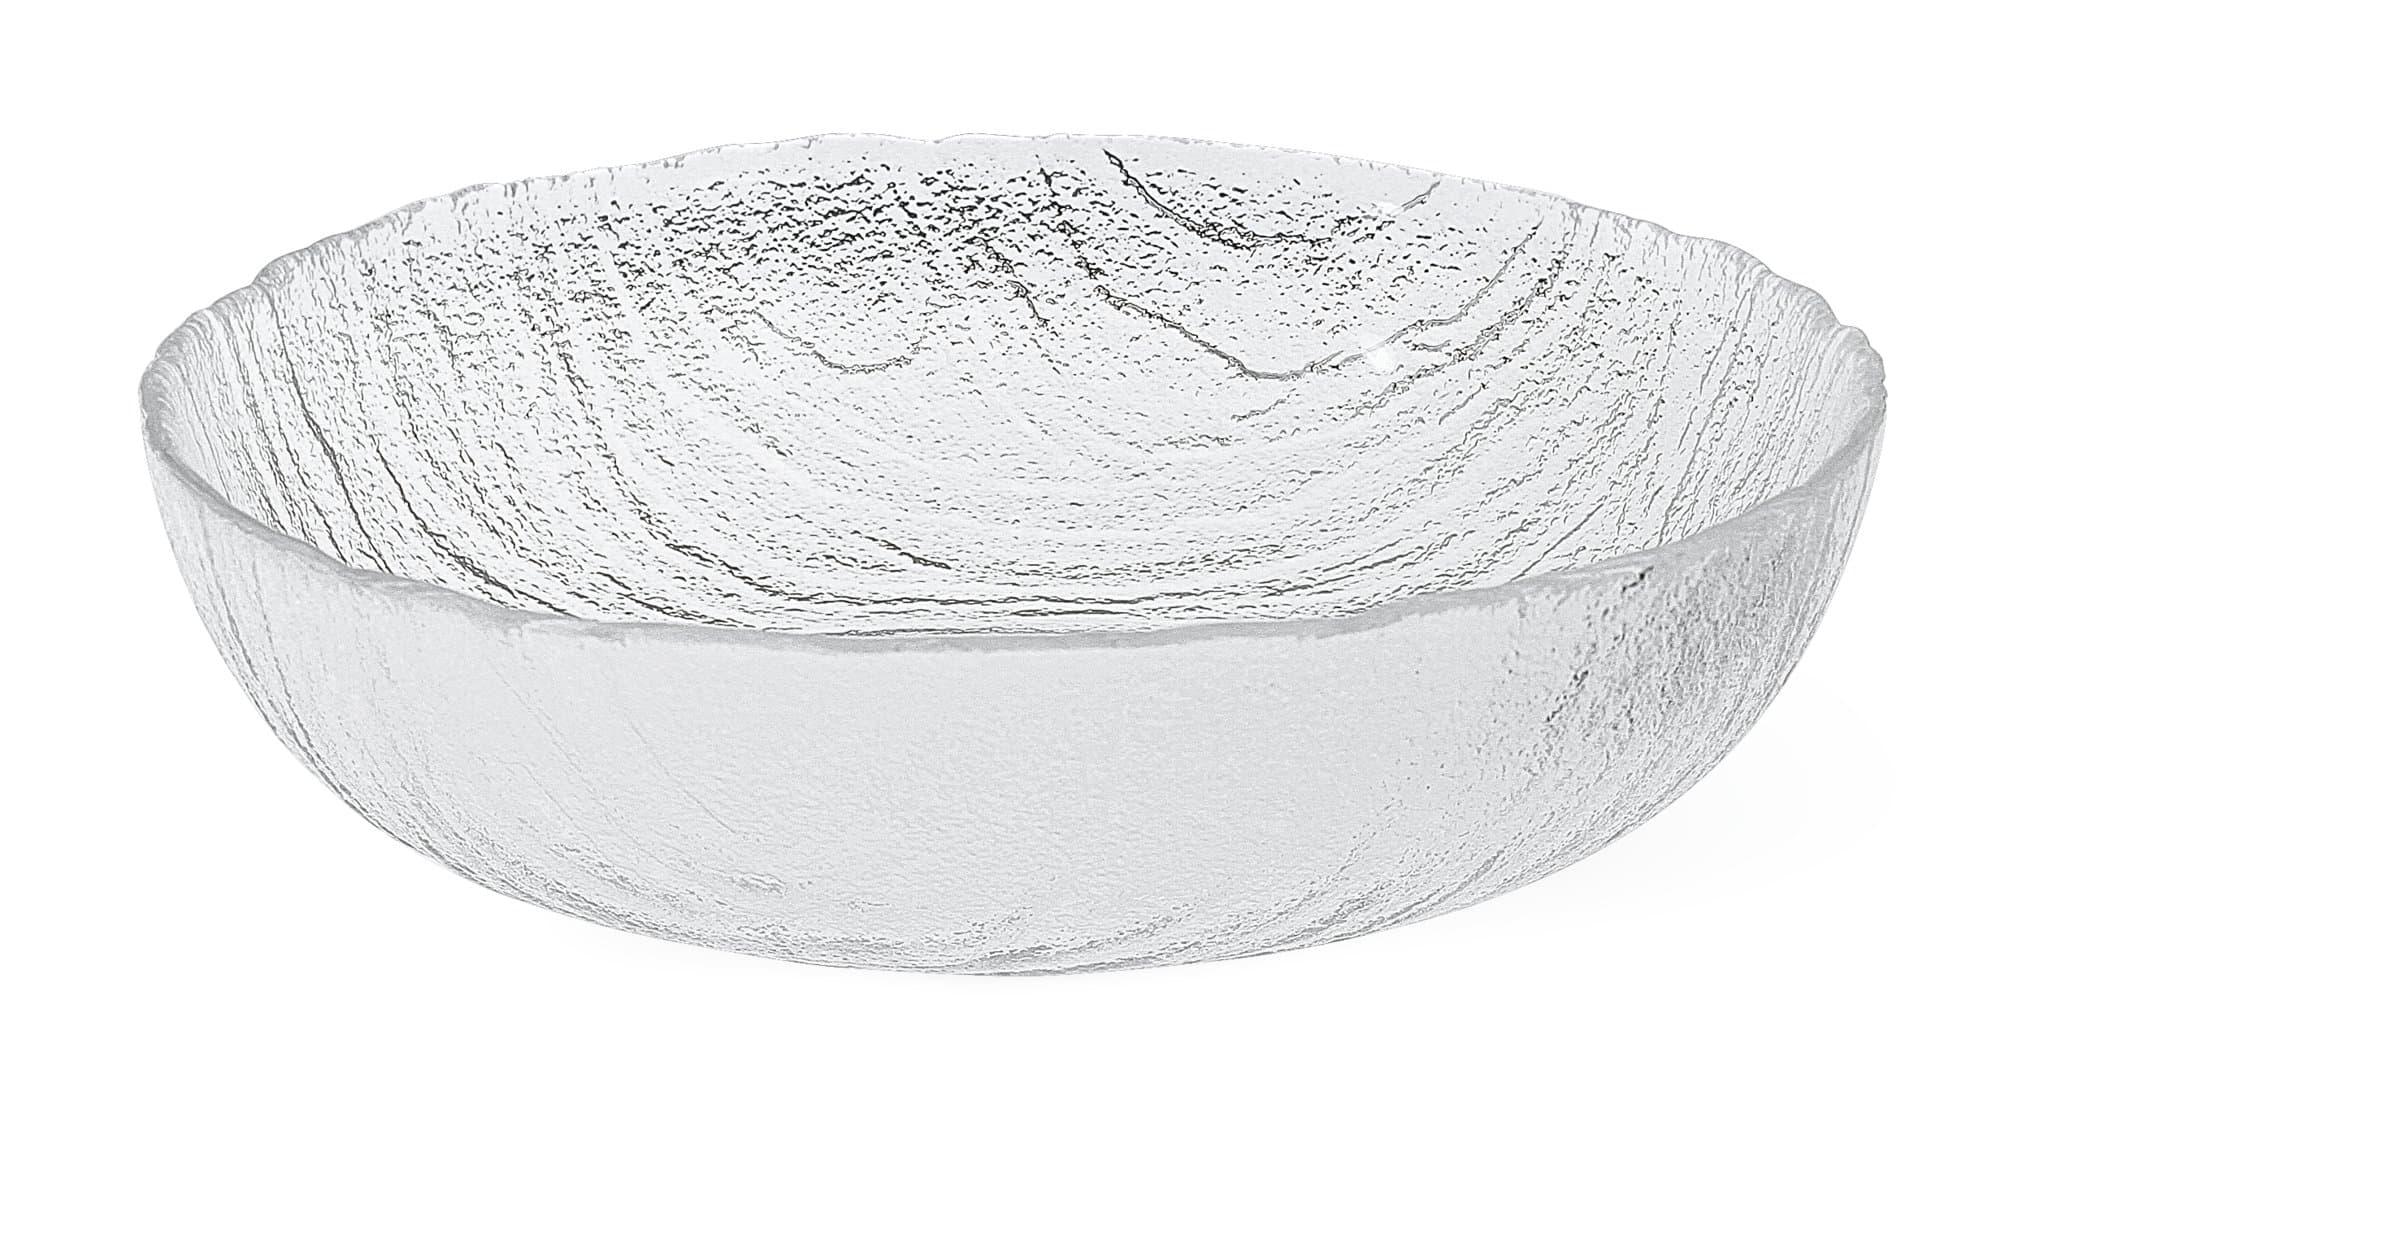 Cucina & Tavola VOLCANO Kompottteller